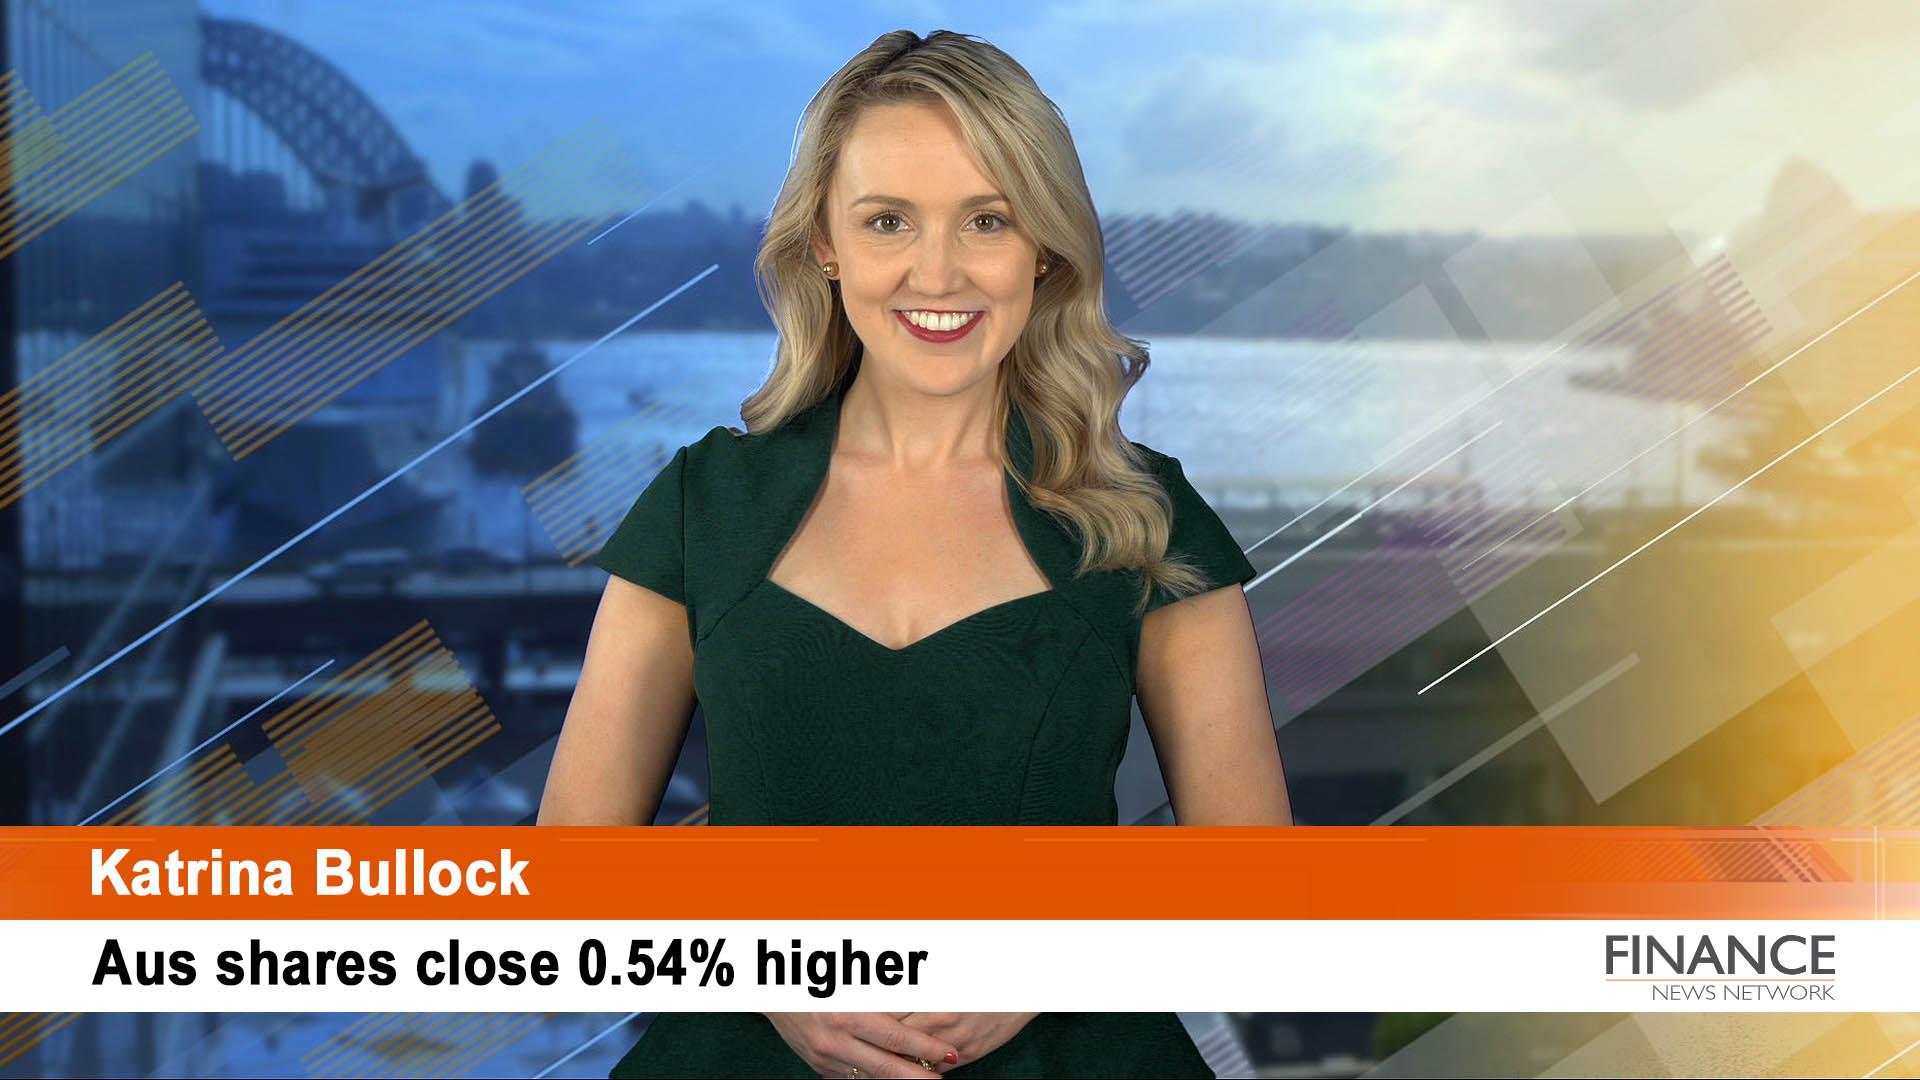 Bell Potter upgrades a2 Milk (ASX:A2M): Aus shares close 0.5% higher